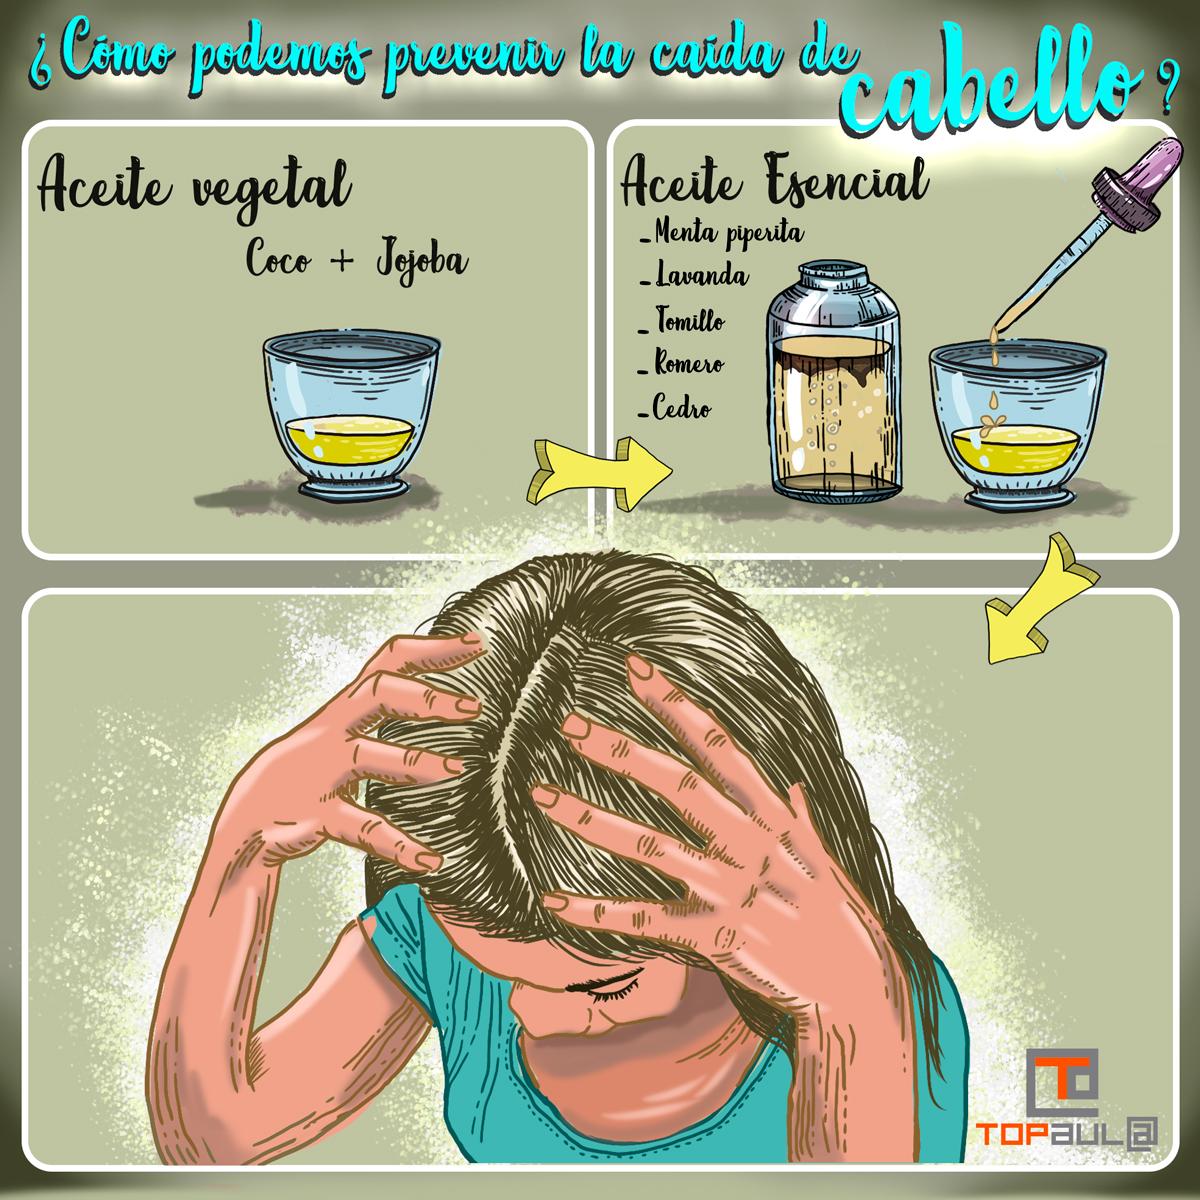 Infografía ¿Cómo podemos prevenir la caída de cabello? - www.topaulasalud.com